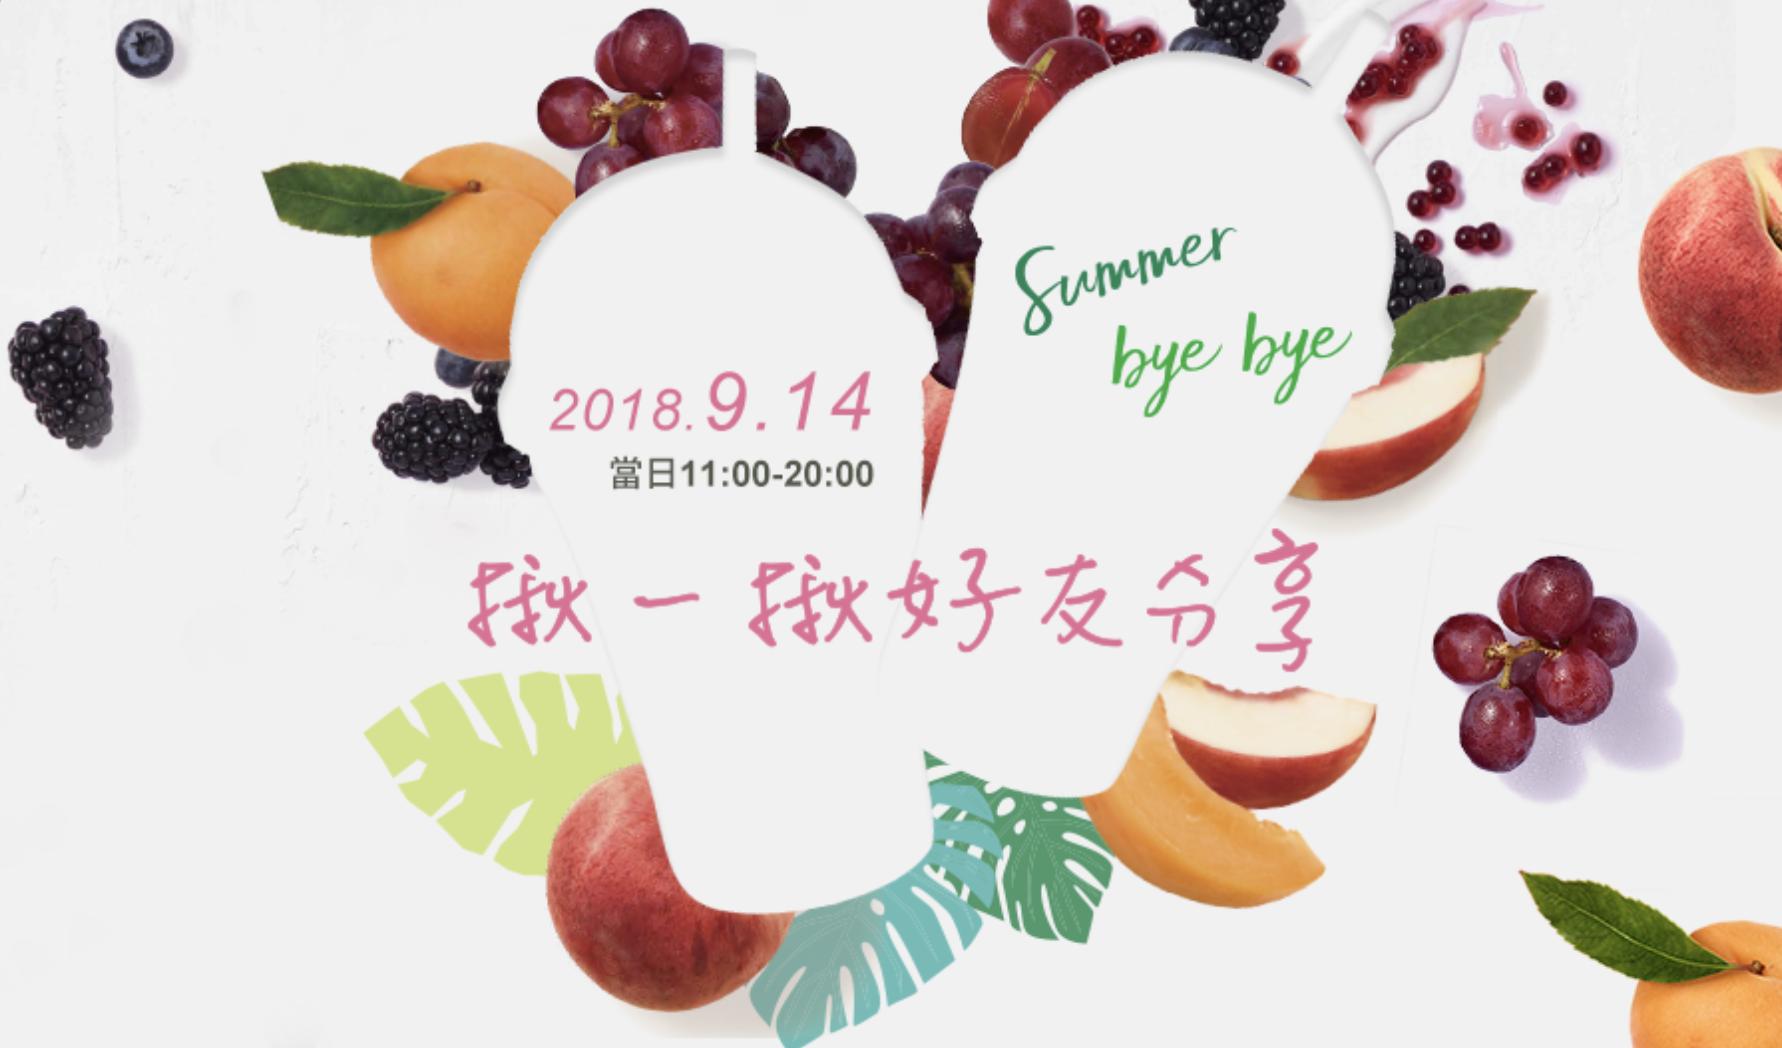 星巴克推出的「Summer Bye Bye 揪一揪好友分享」将让你相约朋友,一起向炎热的夏天说再见!